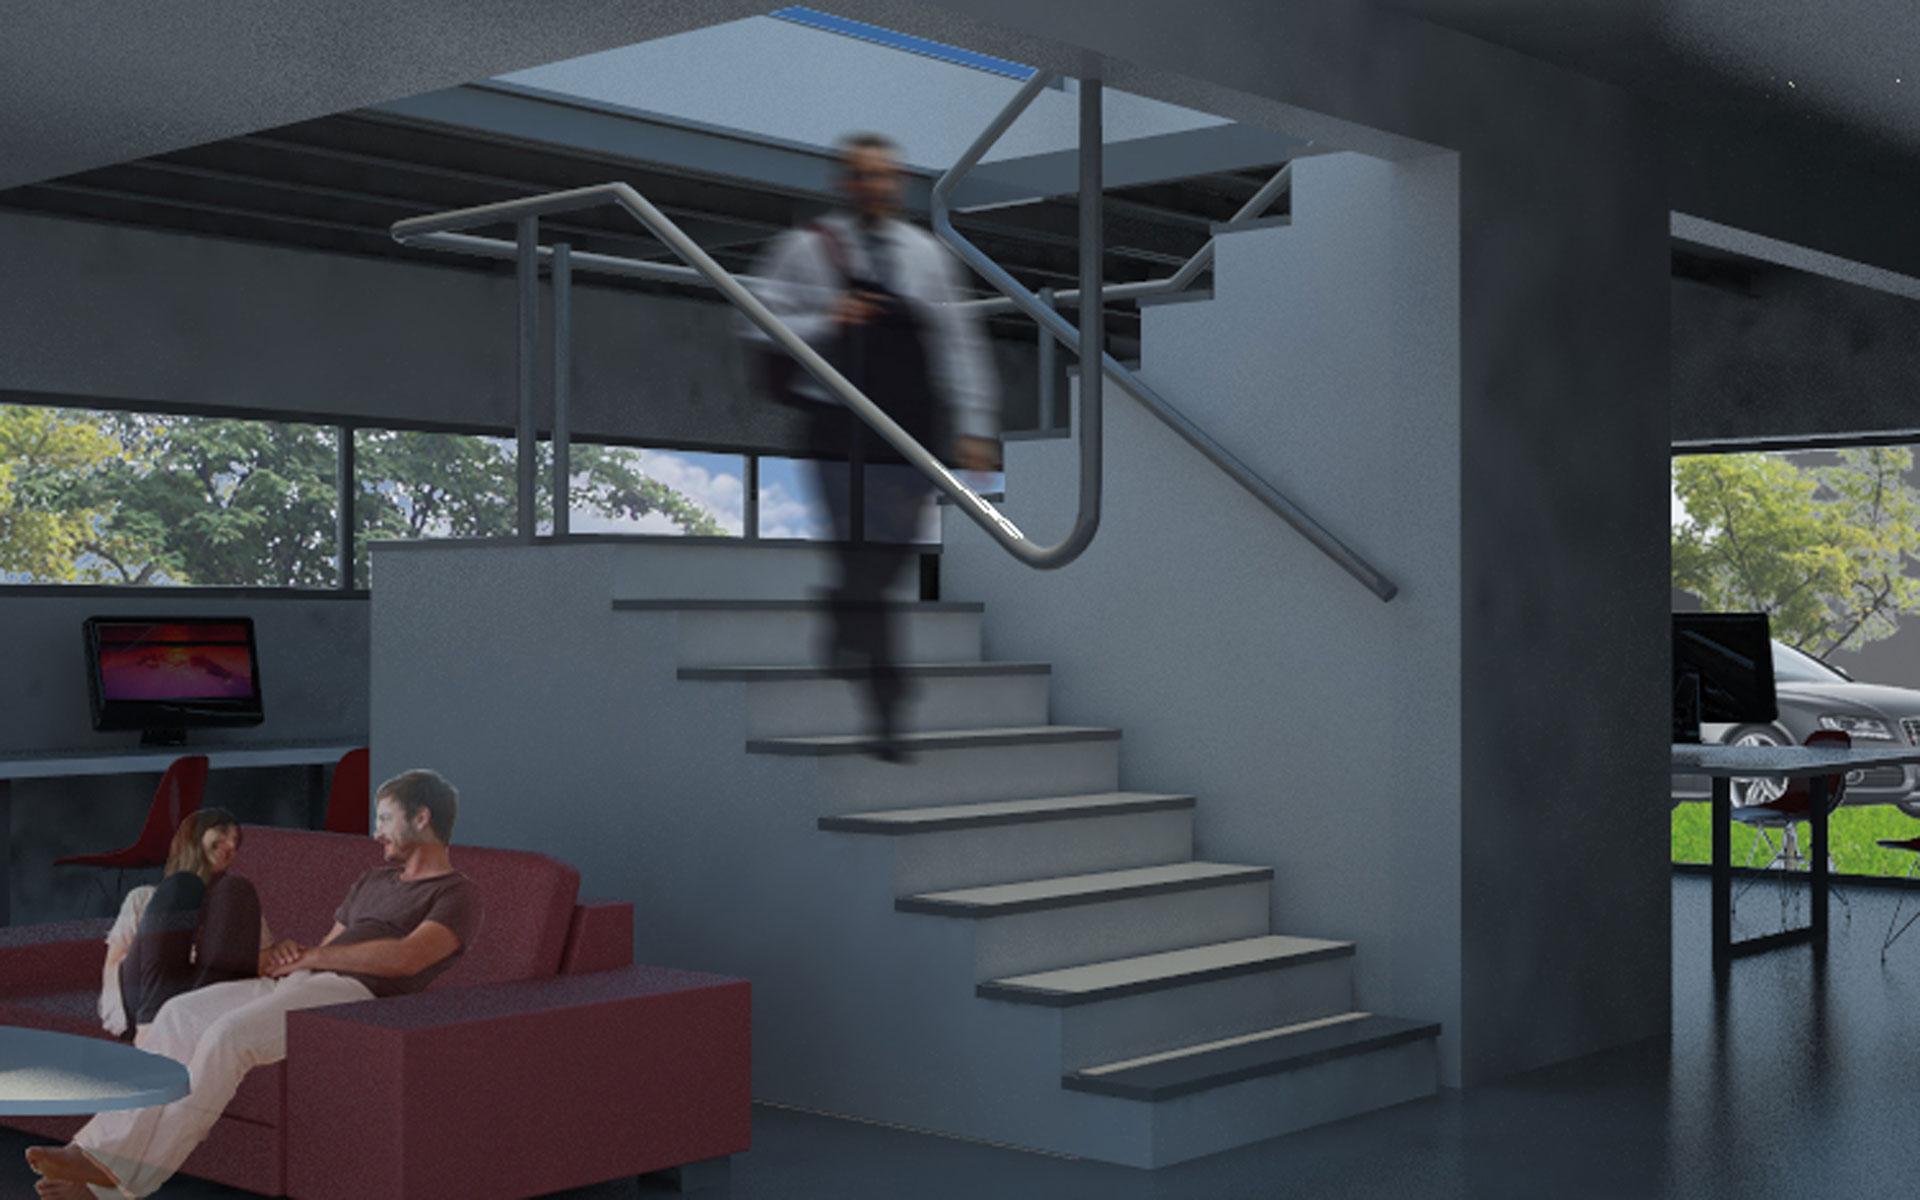 Arquitectura, reforma casa, interioroficinas SPI en San Isidro, escalera existente y baranda continua flotante